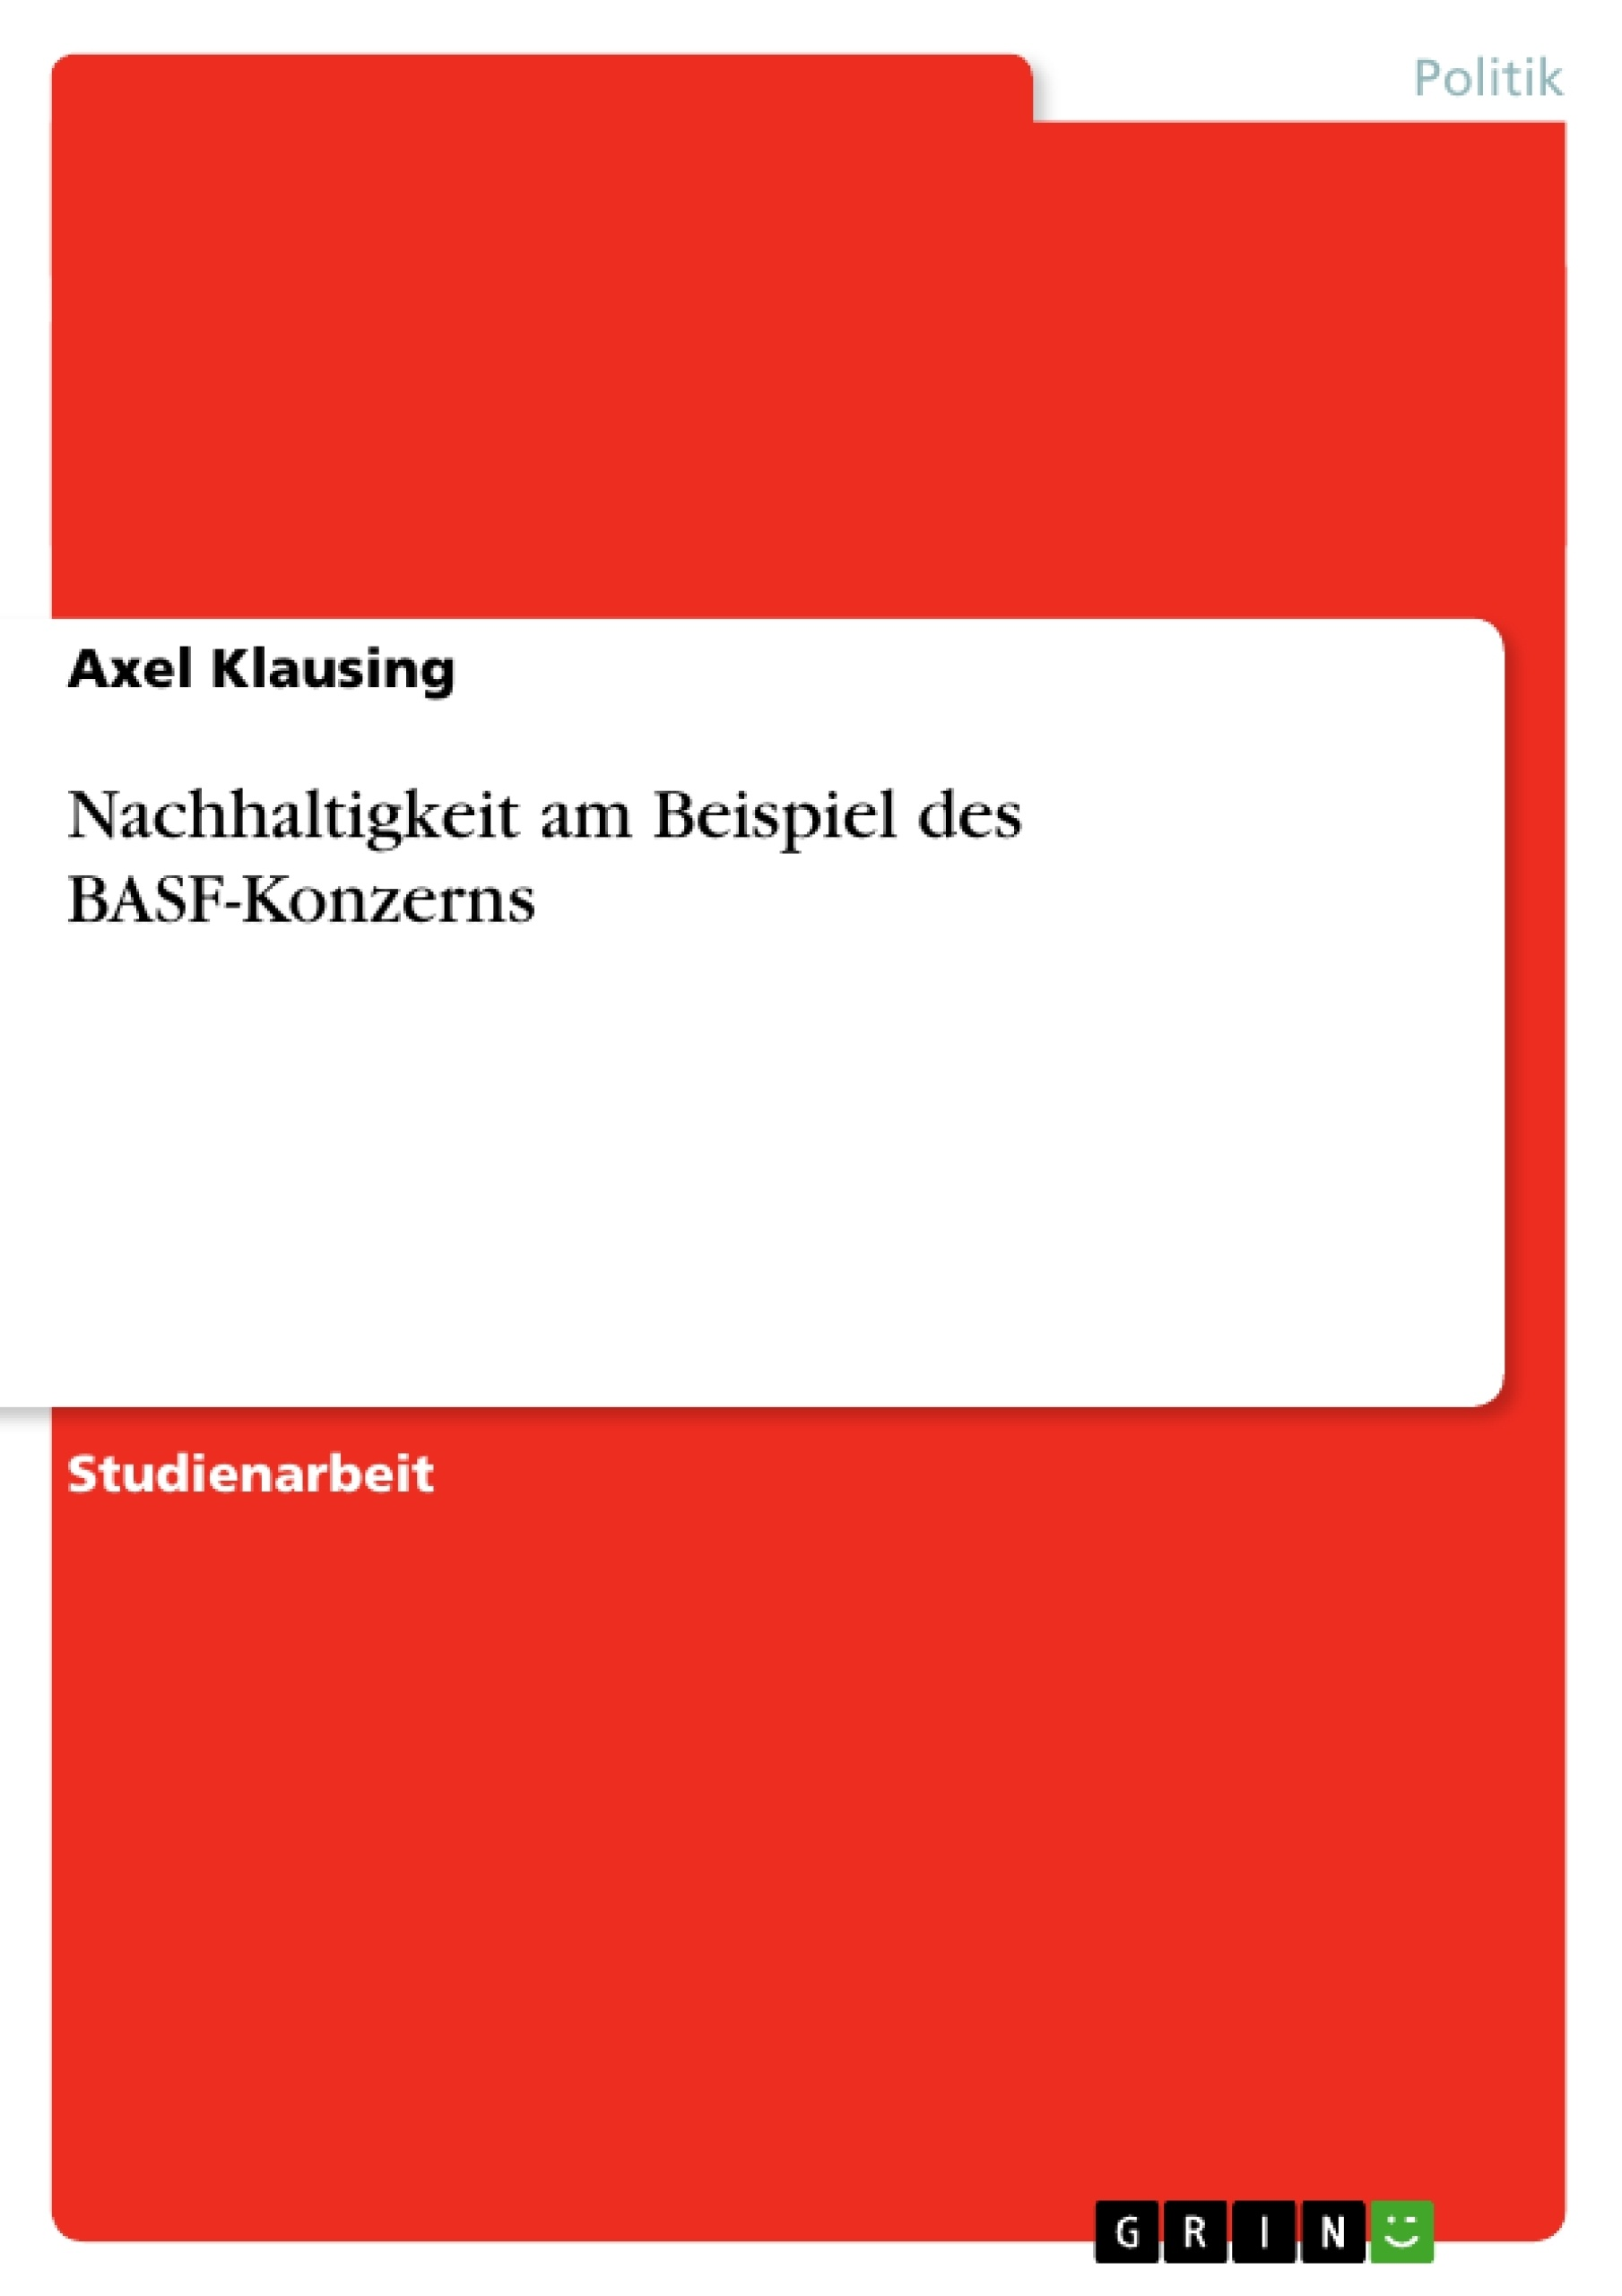 Titel: Nachhaltigkeit am Beispiel des BASF-Konzerns